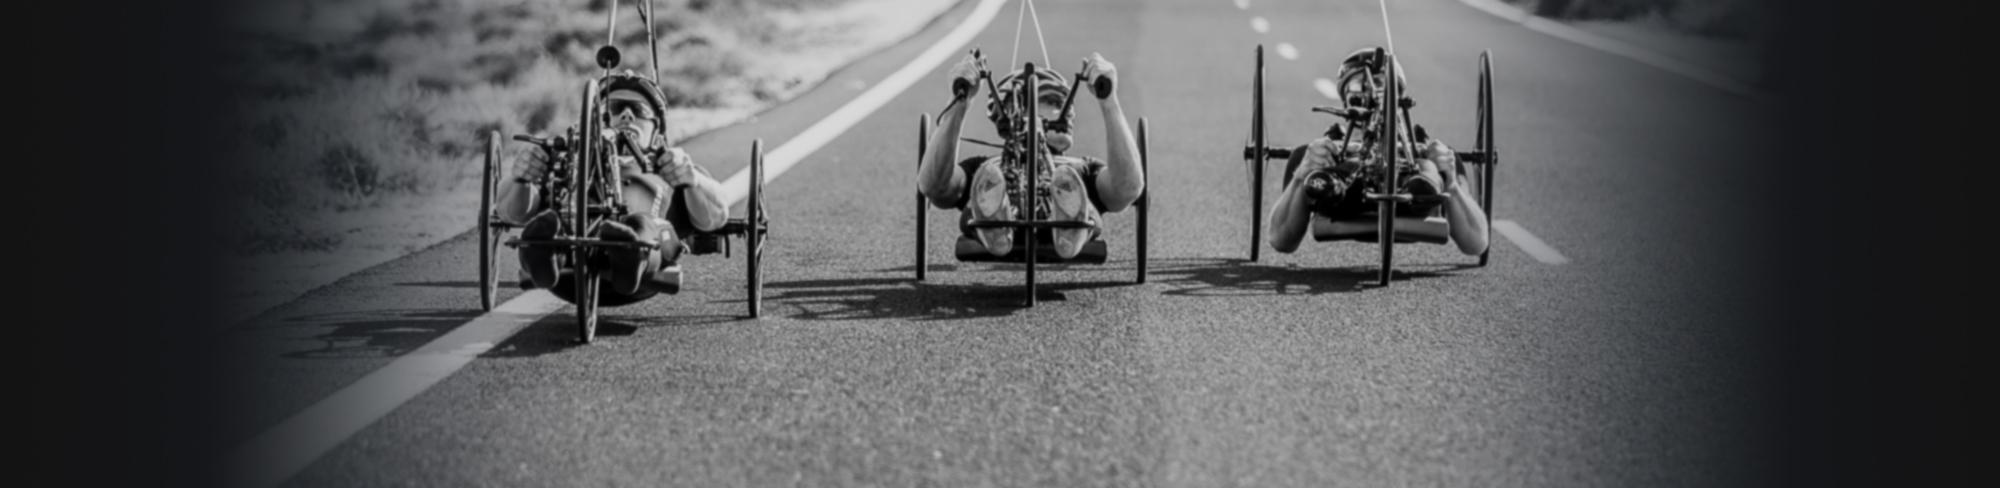 handbike sport